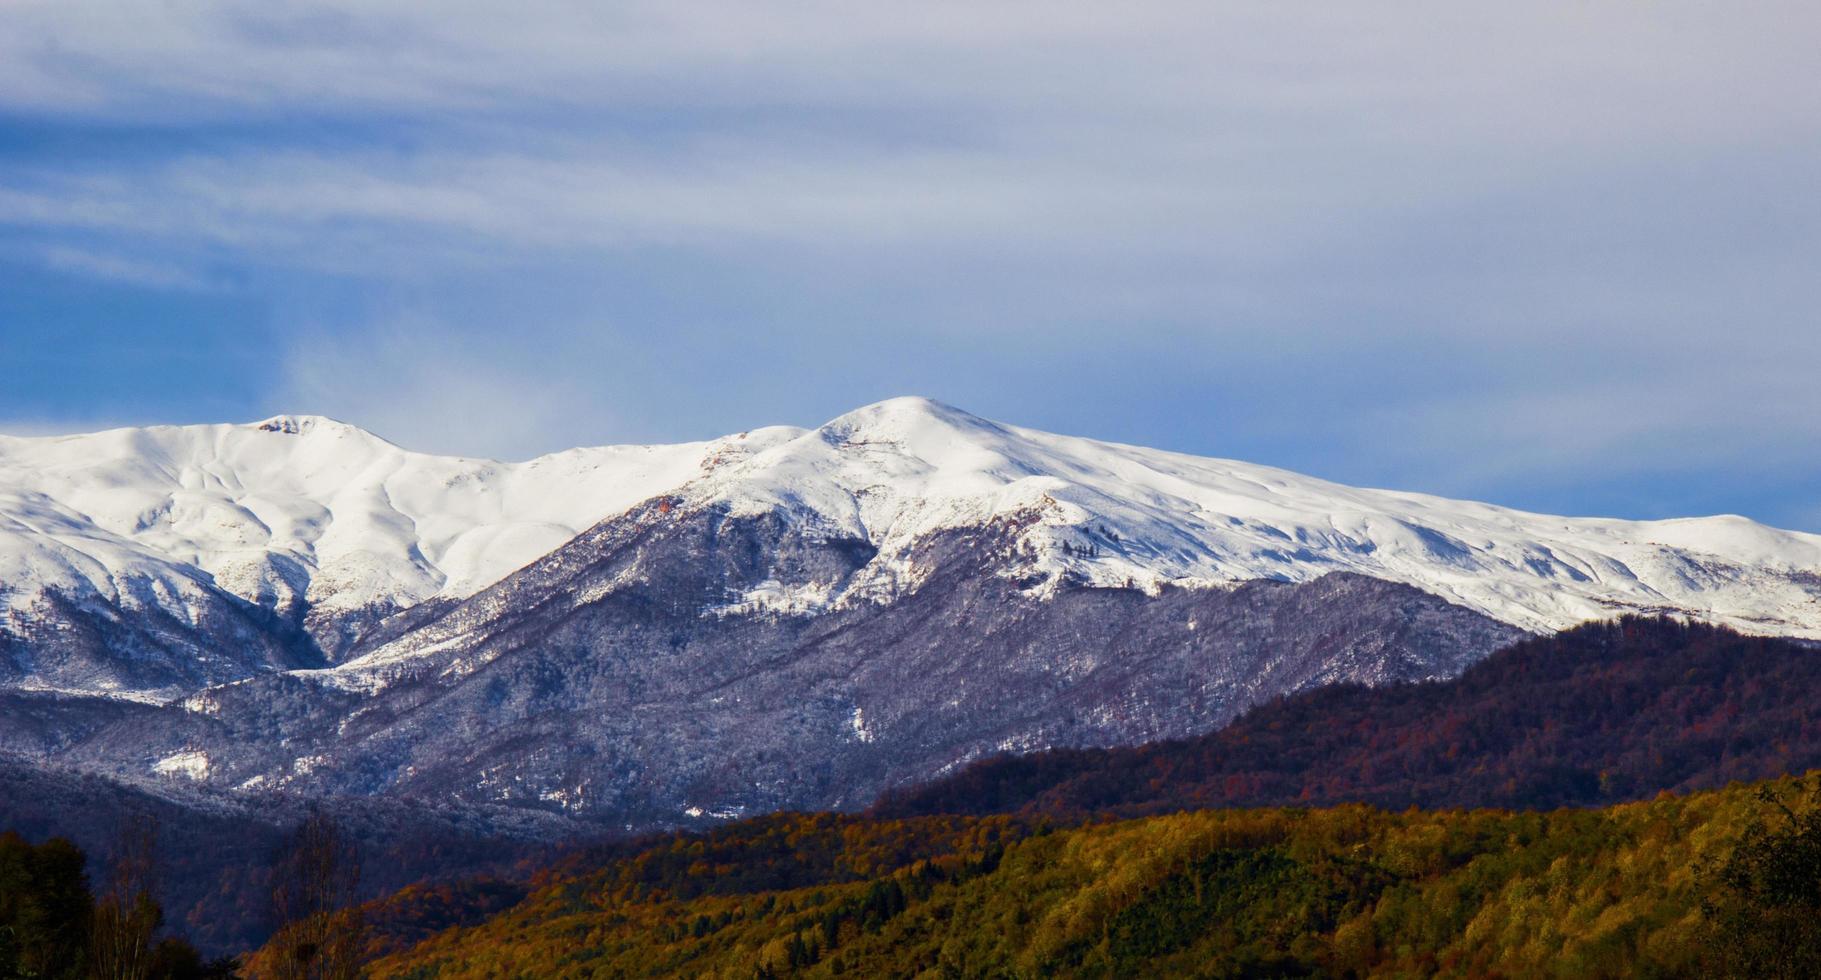 Winter season on mountaintops  photo